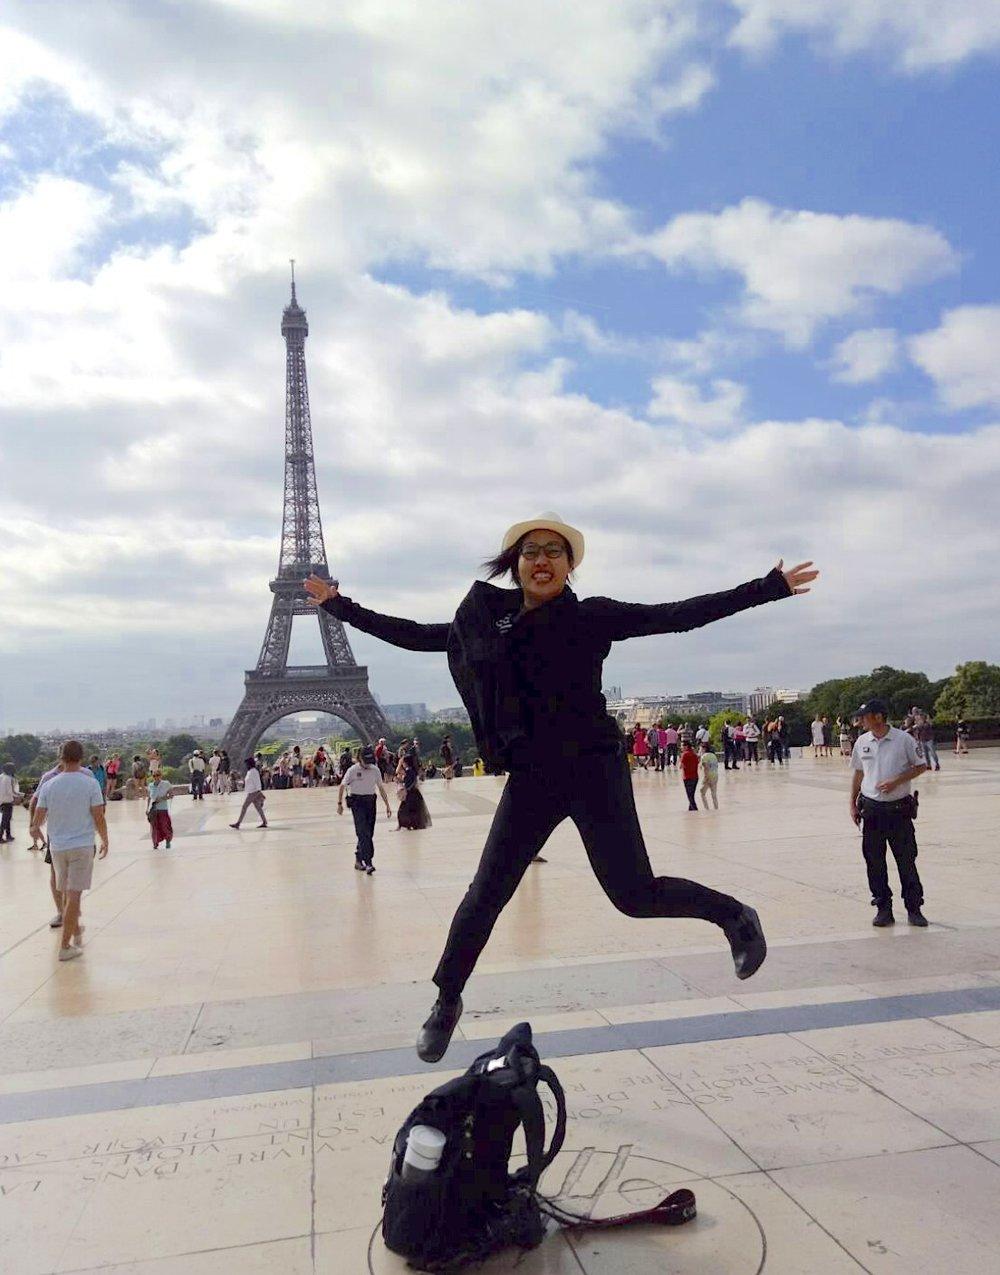 遠赴國外習舞並不容易,對舞蹈的熱情和好奇成為映竹最堅定的支持